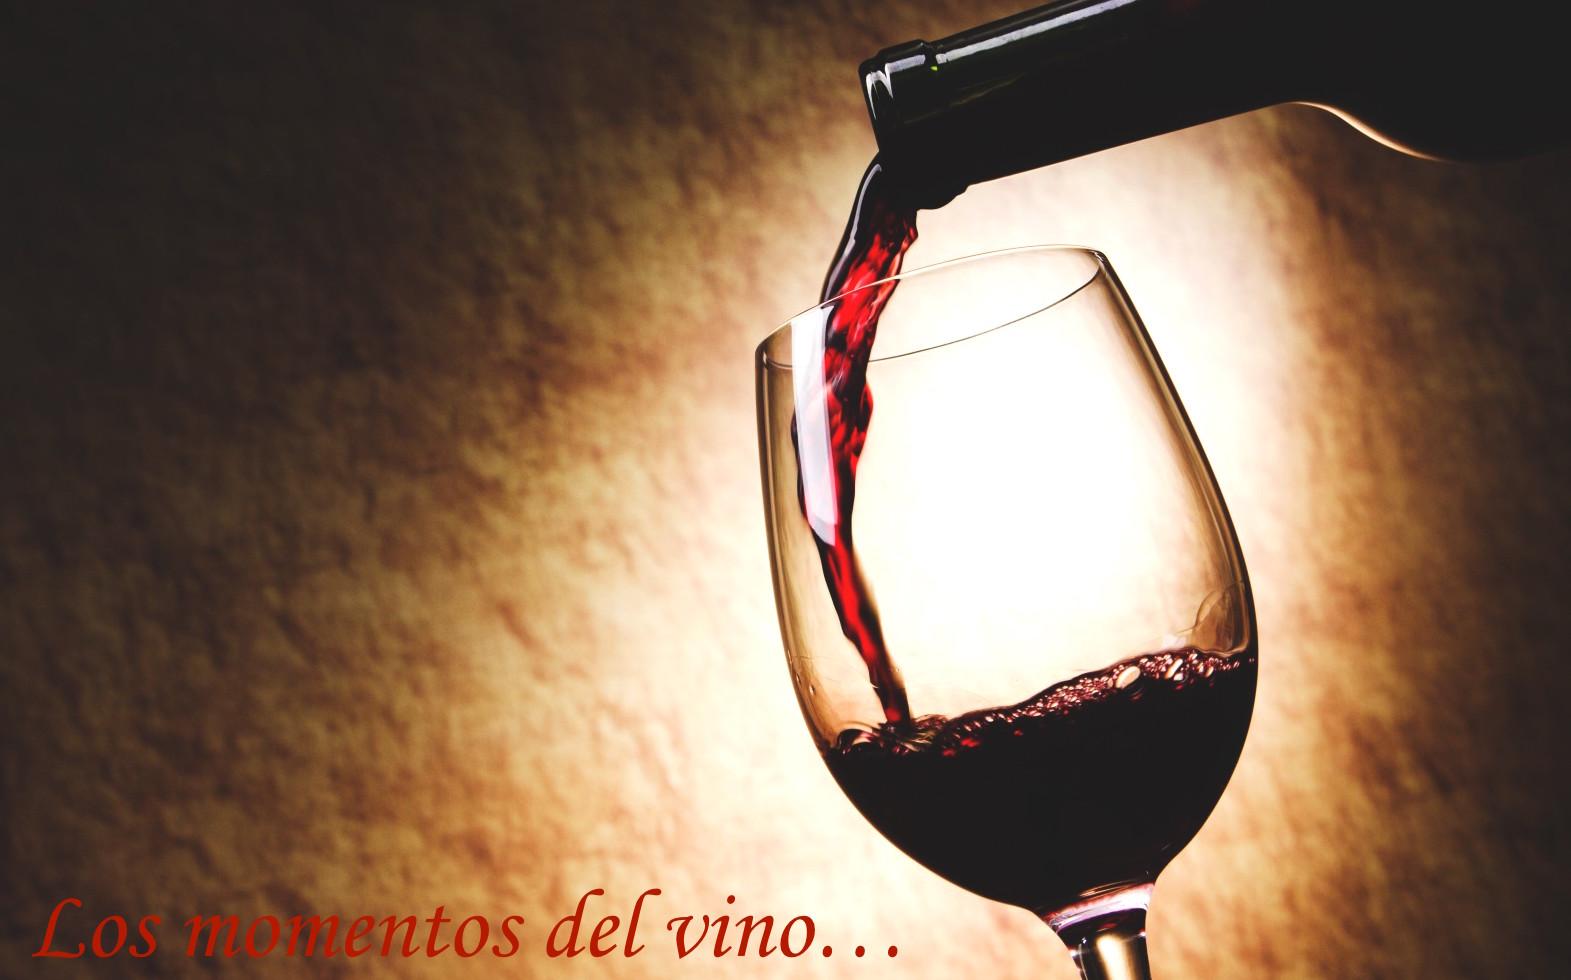 Los momentos del vino...